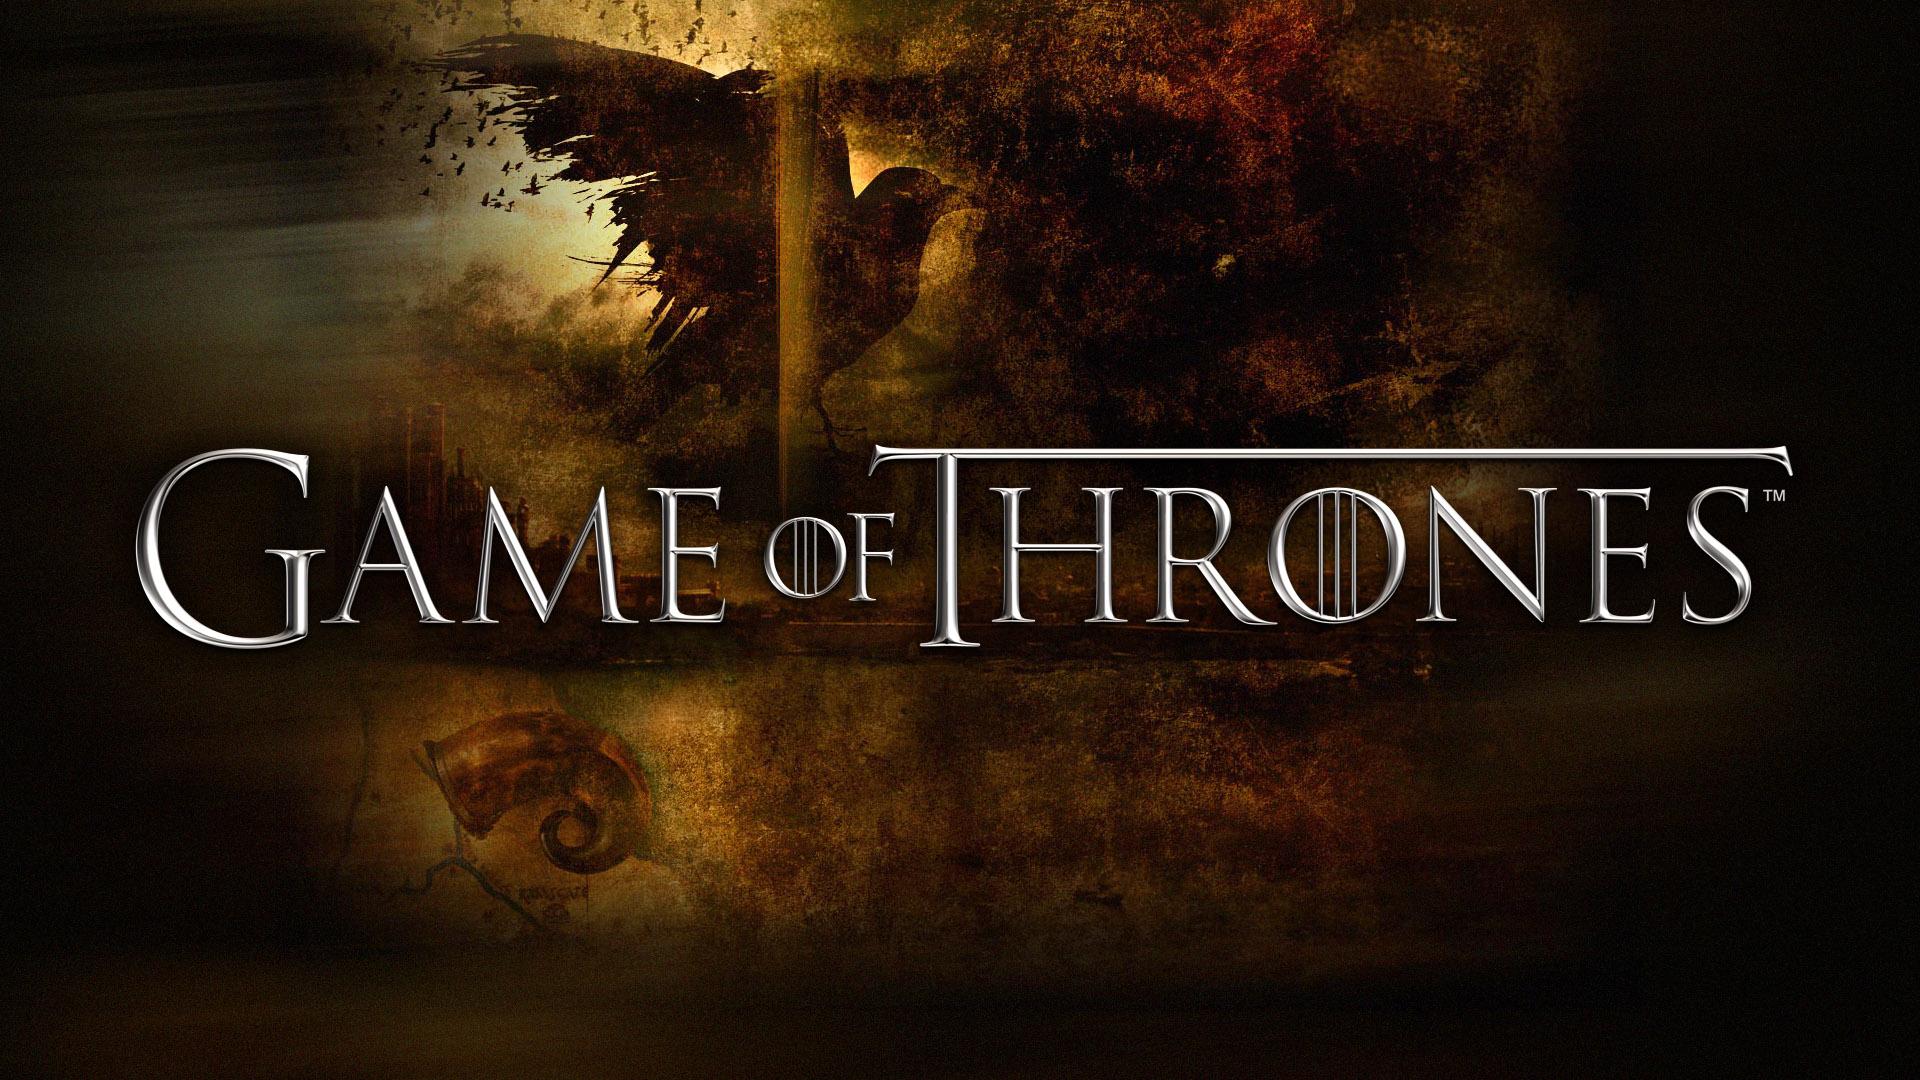 fond d'ecran game of thrones - Image De